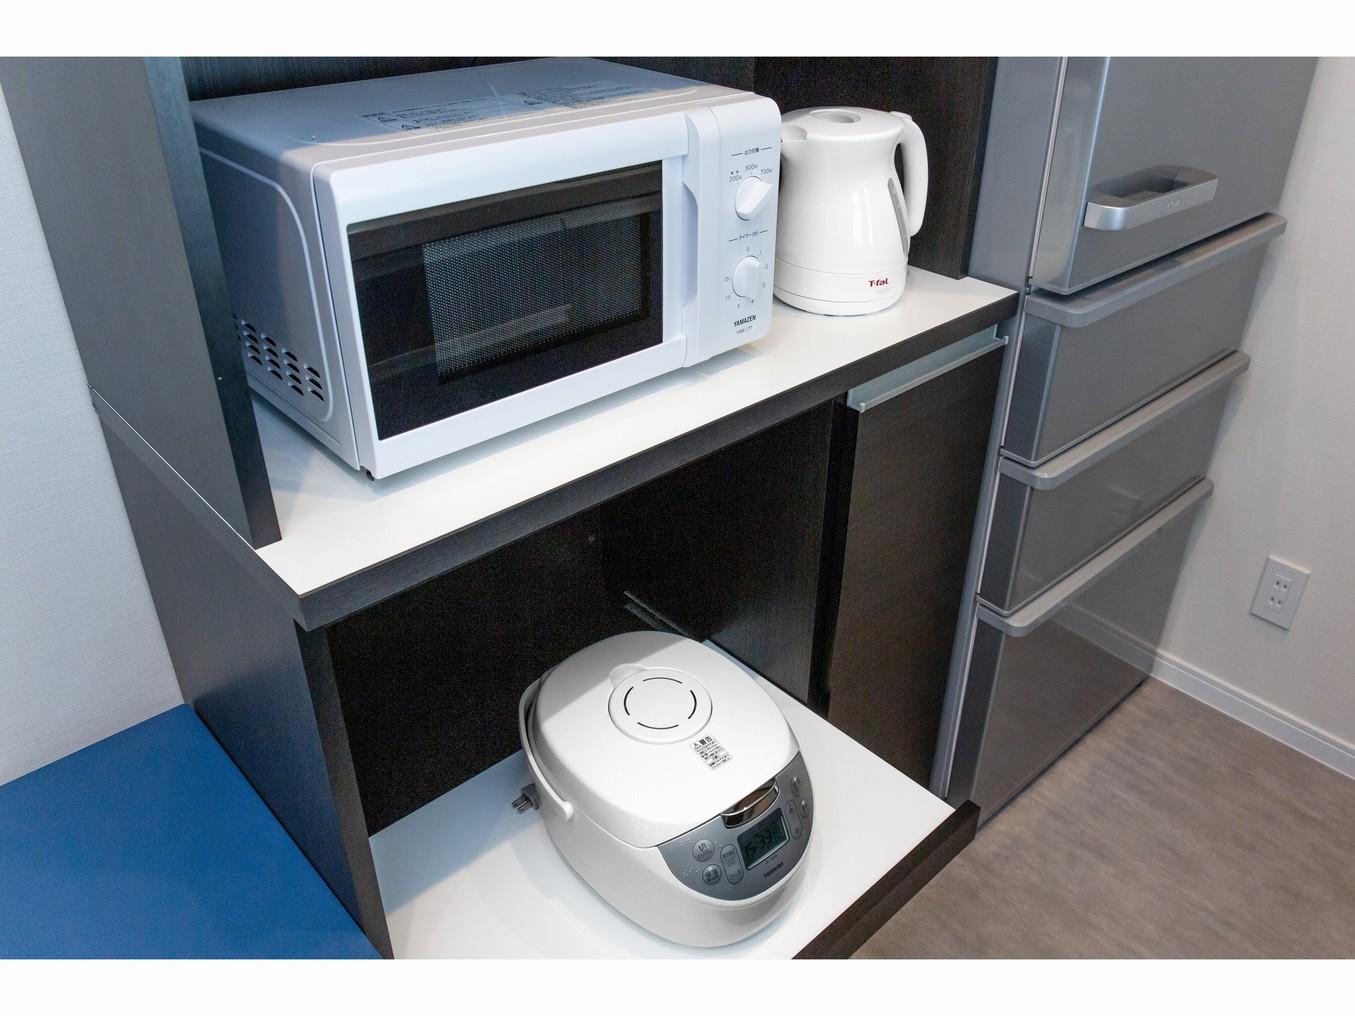 客室内キッチン家電